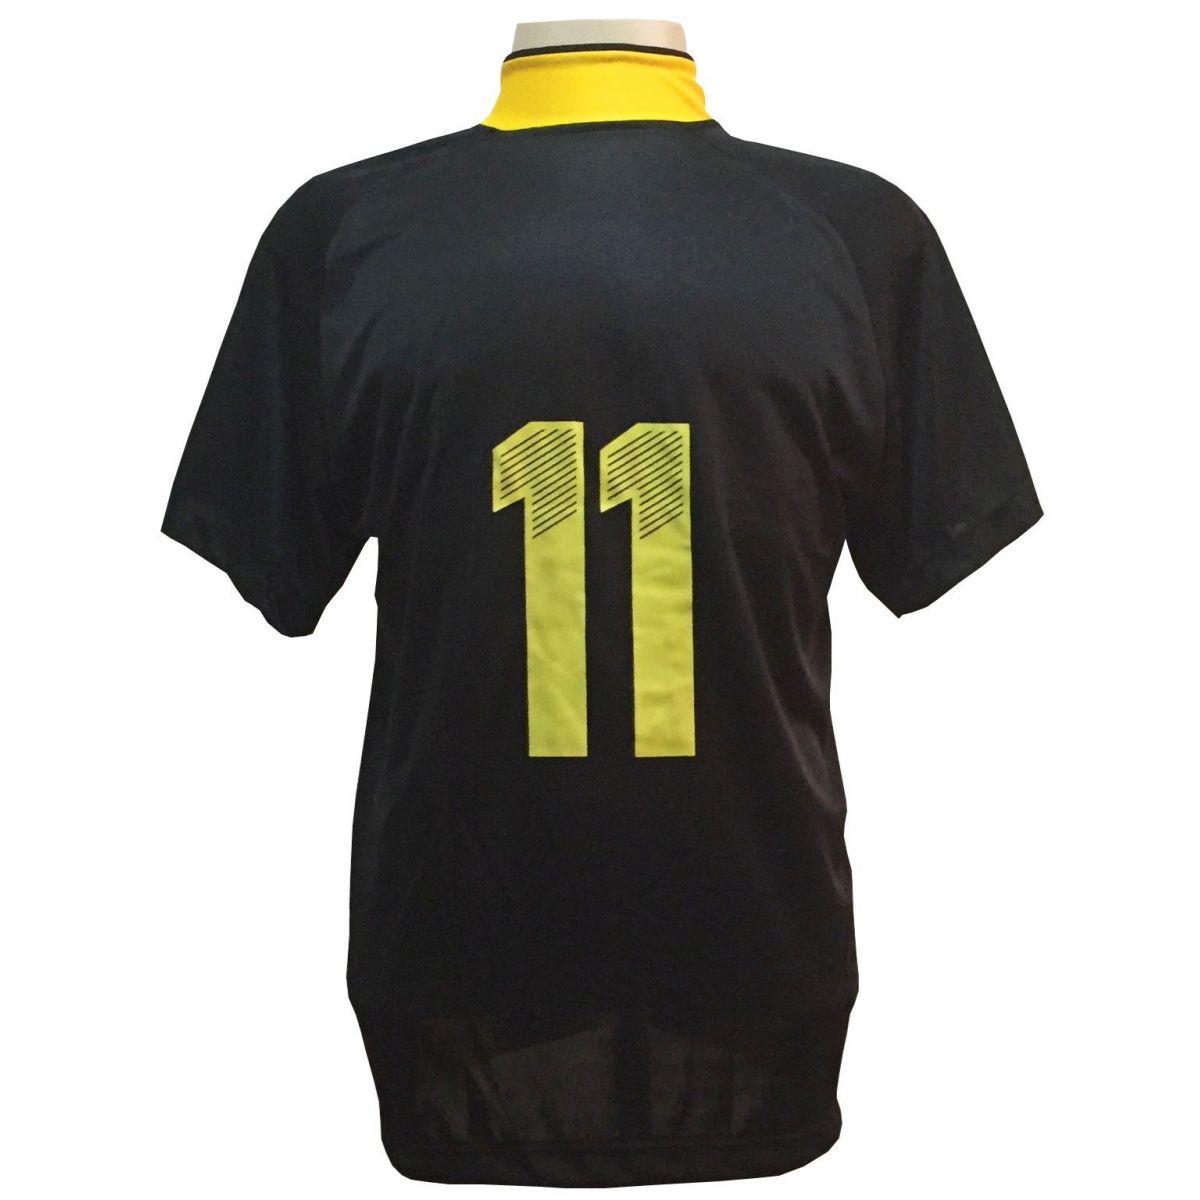 Uniforme Esportivo com 12 camisas modelo Milan Preto/Amarelo + 12 calções modelo Copa + 1 Goleiro + Brindes